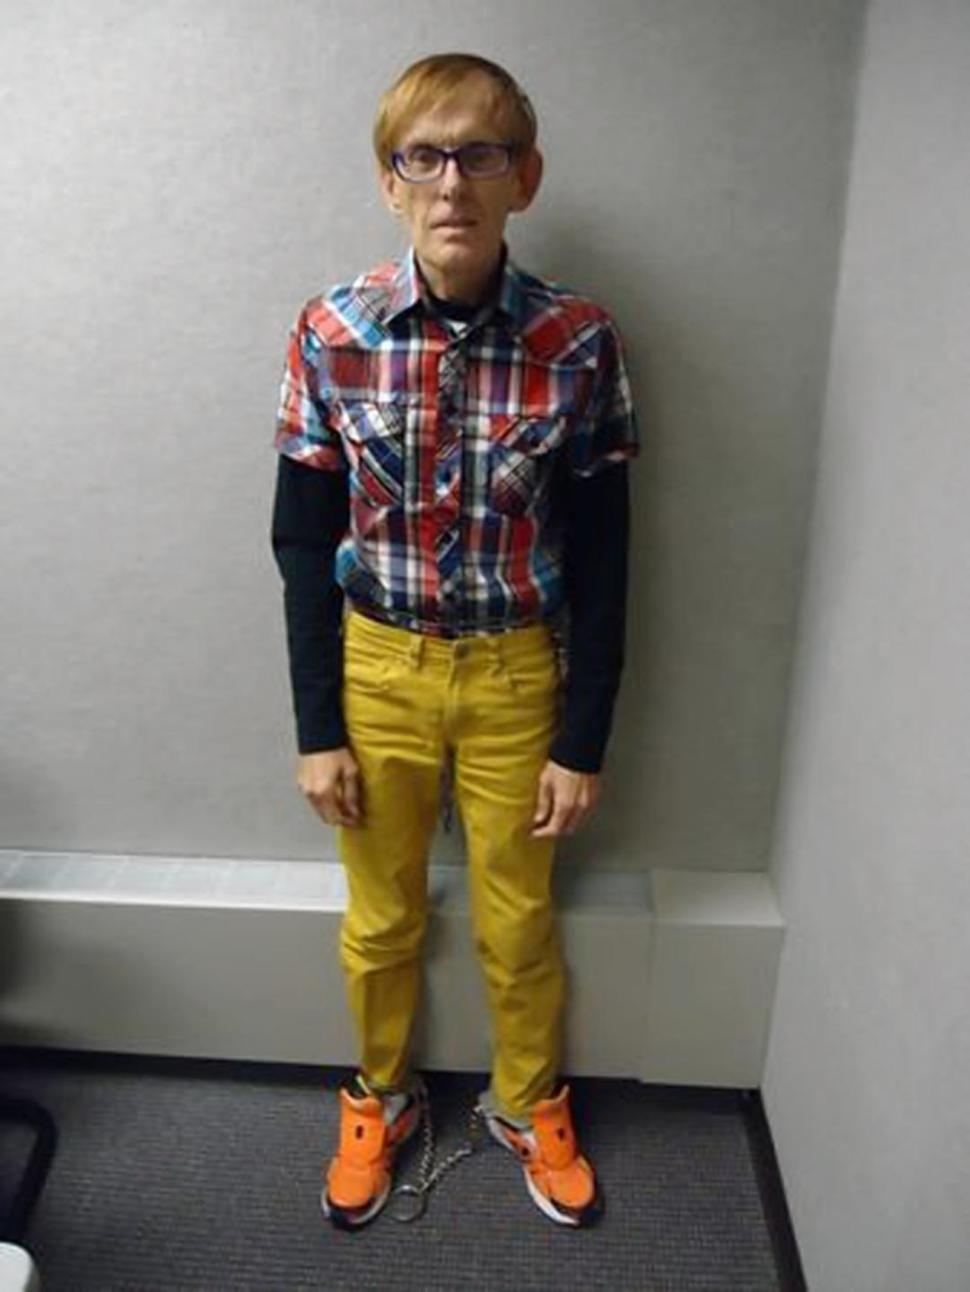 Resultado de imagen para bad dressed man